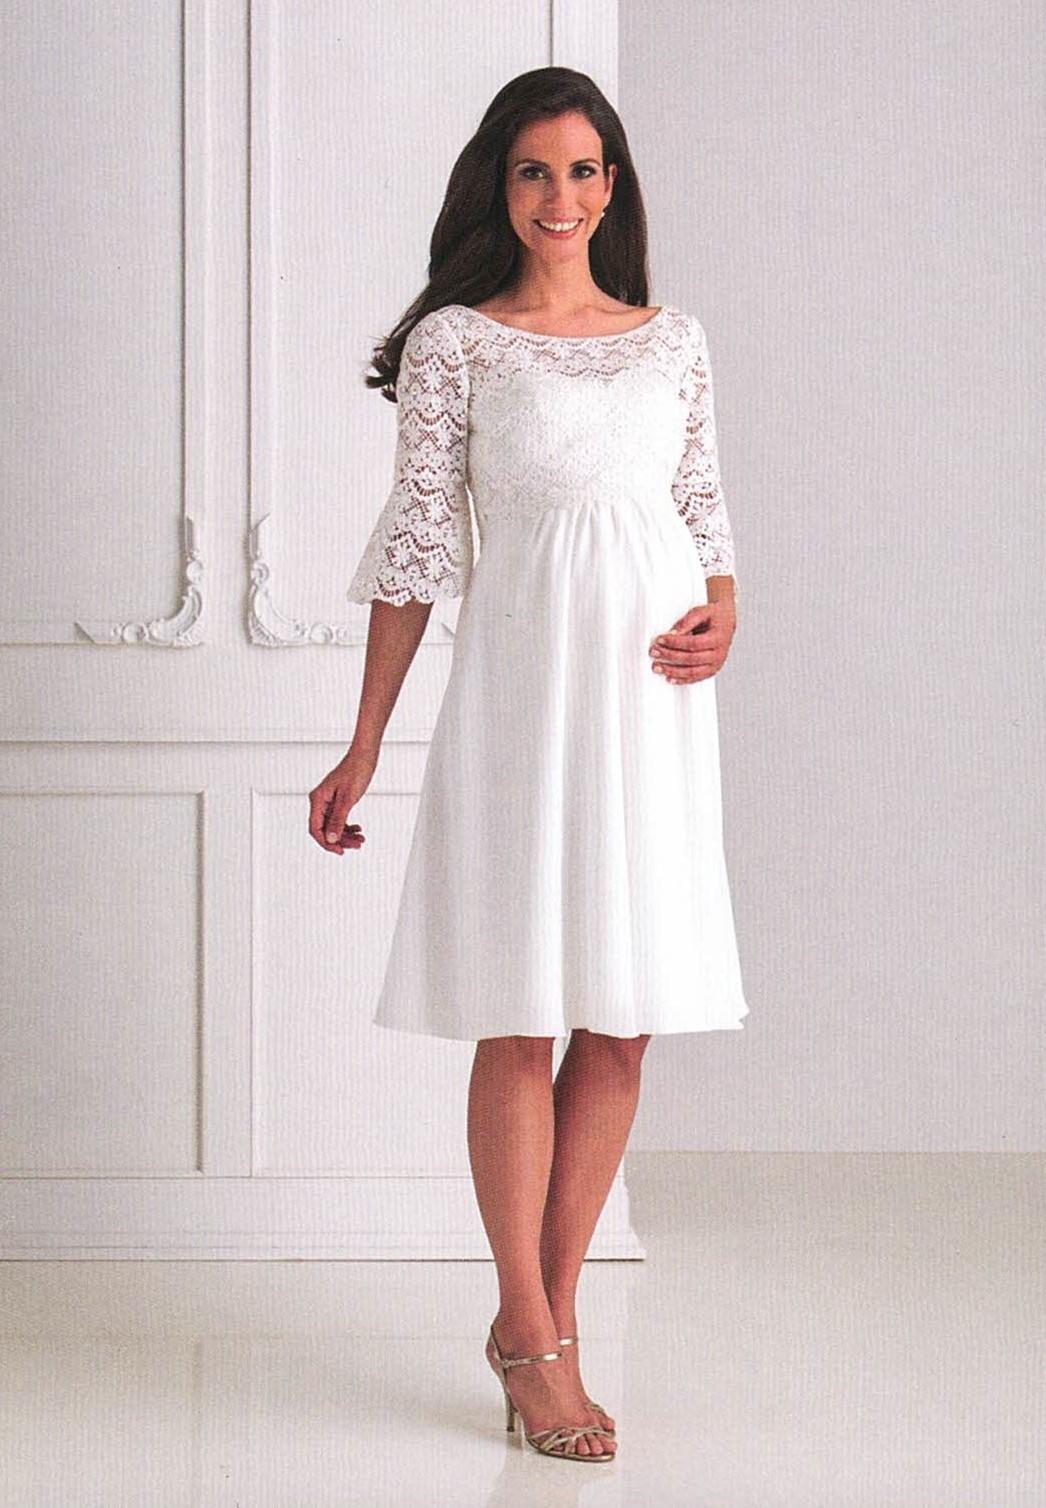 Brautkleider Hochzeitskleider Mode für schwangere kurzes Kleid mit Spitze und halbem Ärmel